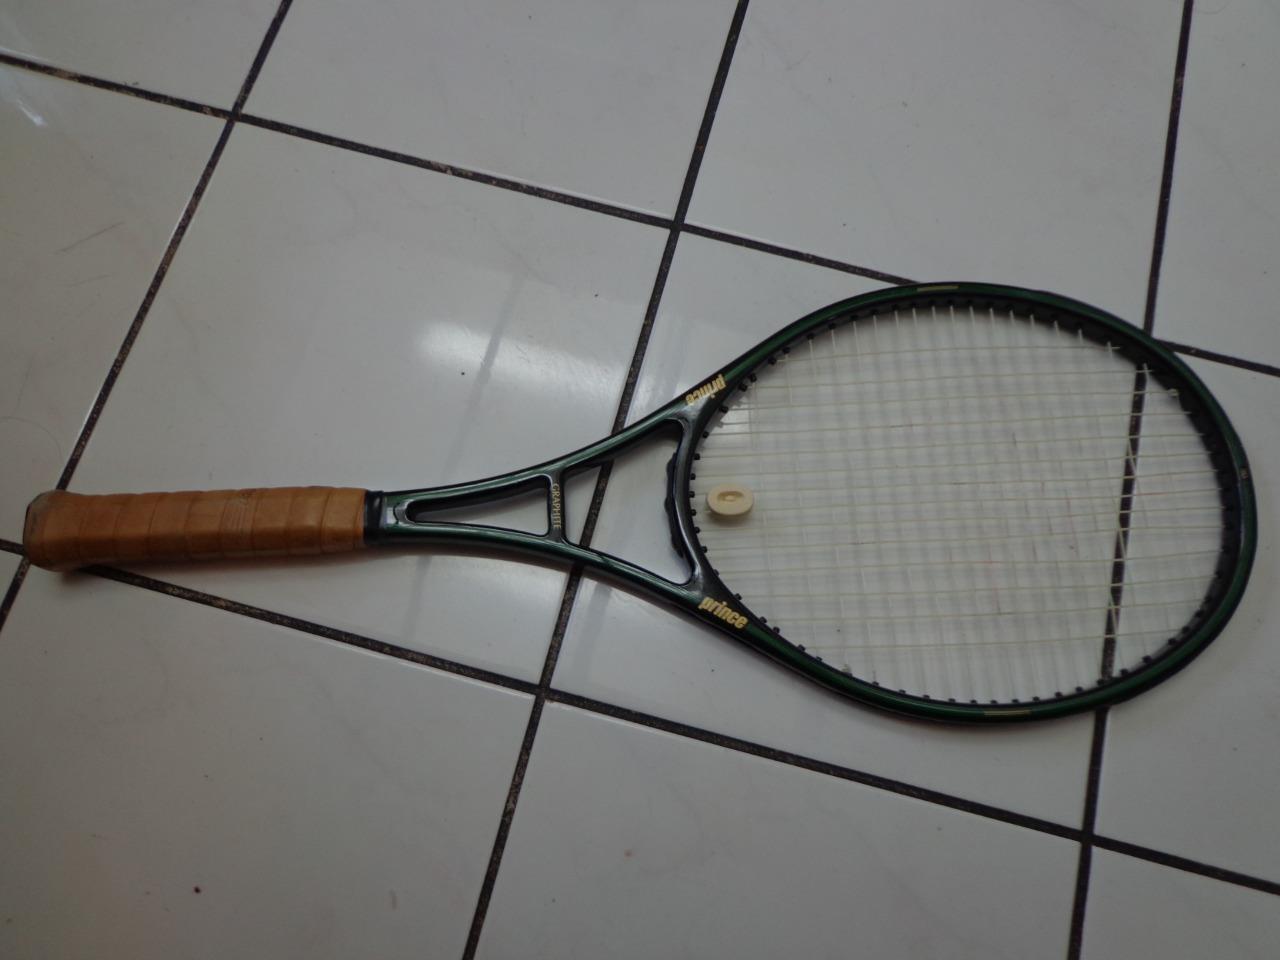 Prince Graphite 90 Original 4 5 8 grip raquette de tennis